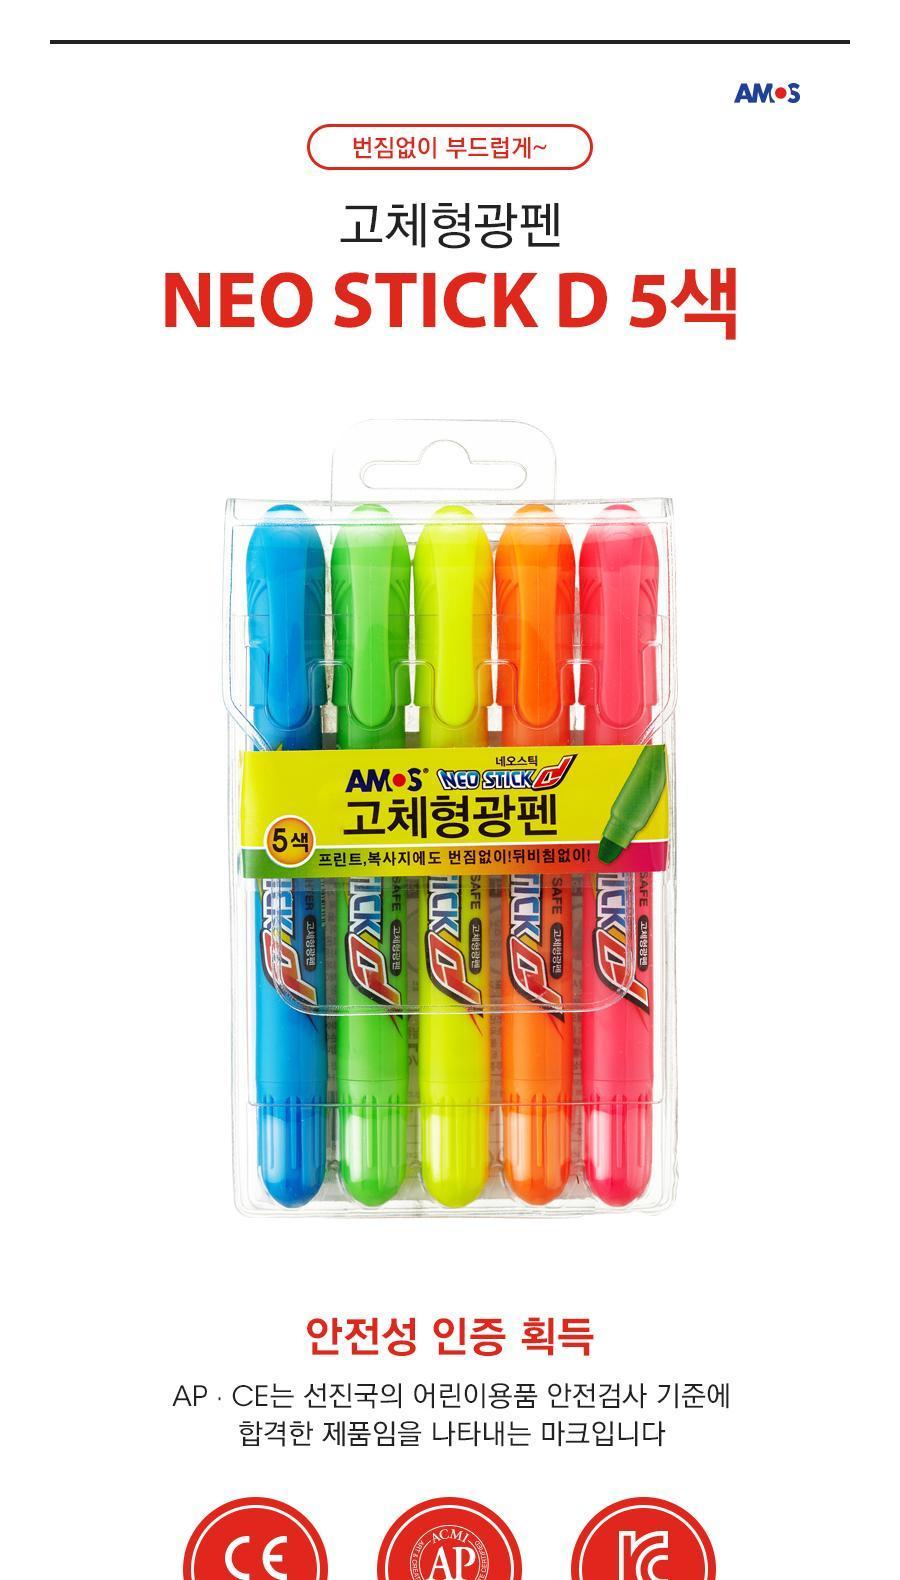 아모스)네오스틱 고체형광펜(5색세트) 칼라펜 형광팬 플러스펜 형광펜세트 미니형광펜 스틱형광펜 형광펜모음 문구형광펜 형광펜셋트 예쁜형광펜